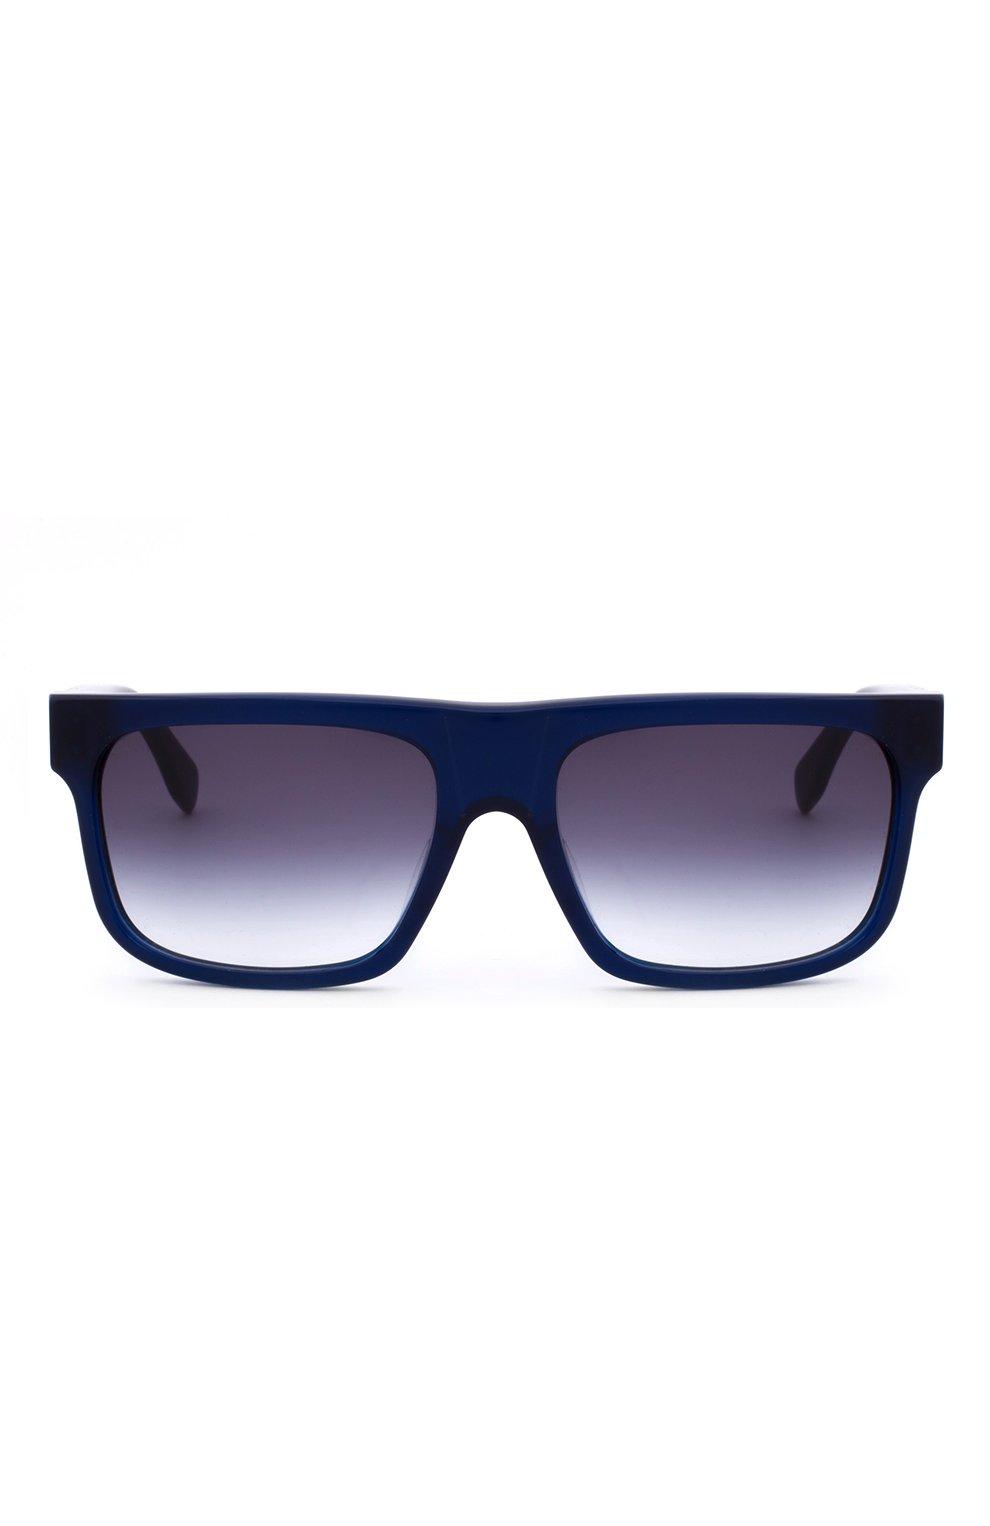 Женские солнцезащитные очки ALEXANDER MCQUEEN синего цвета, арт. 0037 004 | Фото 1